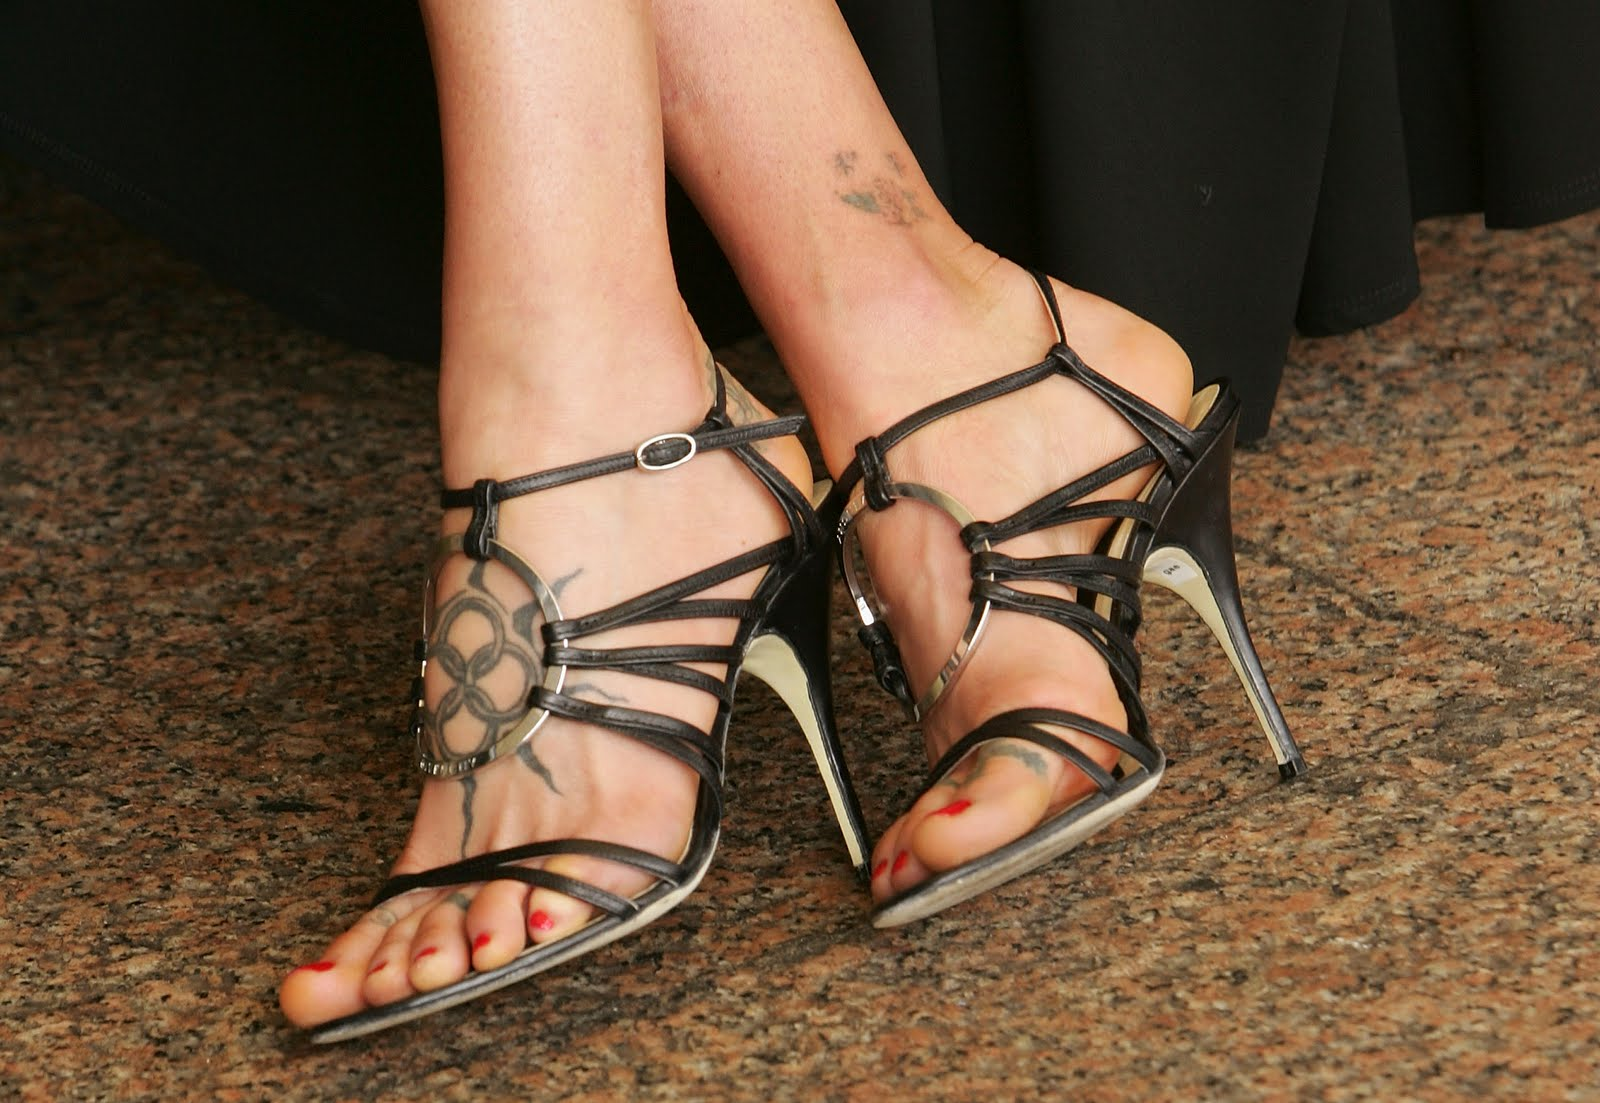 http://2.bp.blogspot.com/_bQ0SqifjNcg/TCWRknKs9XI/AAAAAAAAWyk/4Yev4HHn7jQ/s1600/carre-otis-feet-2.jpg